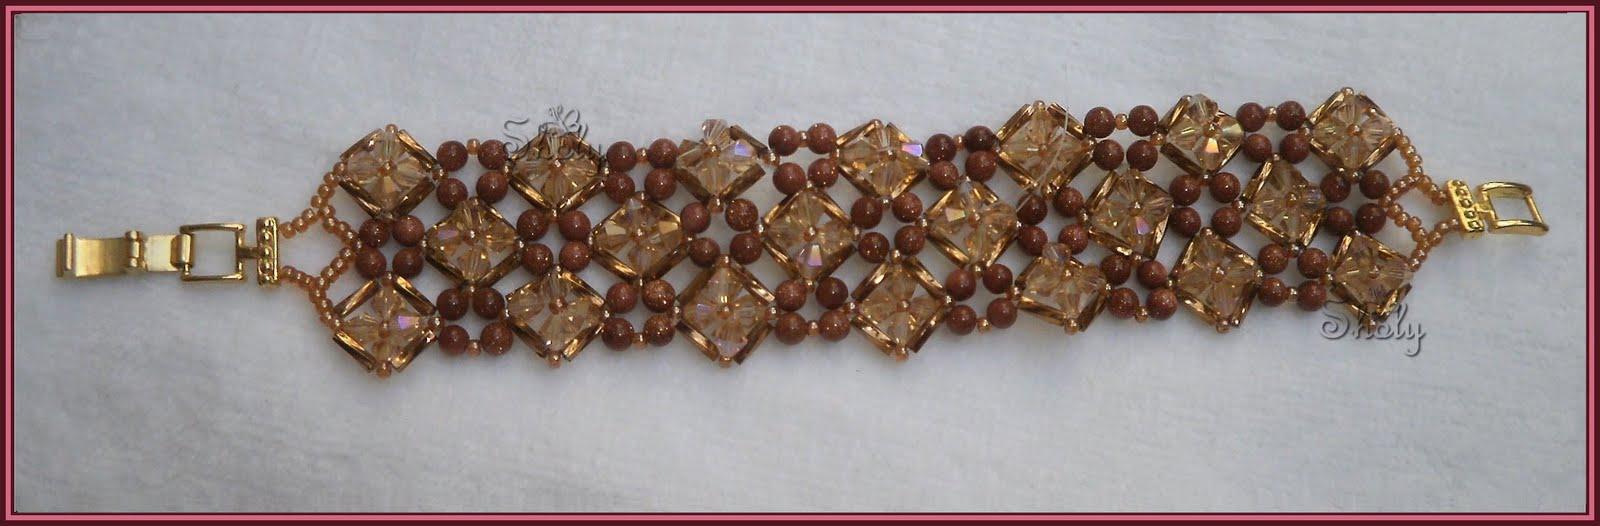 colores reales de la pulsera, hecha con cristales y piedra del sol, su color es lindisimooo me gustooo, ¿¿¿que opinan???